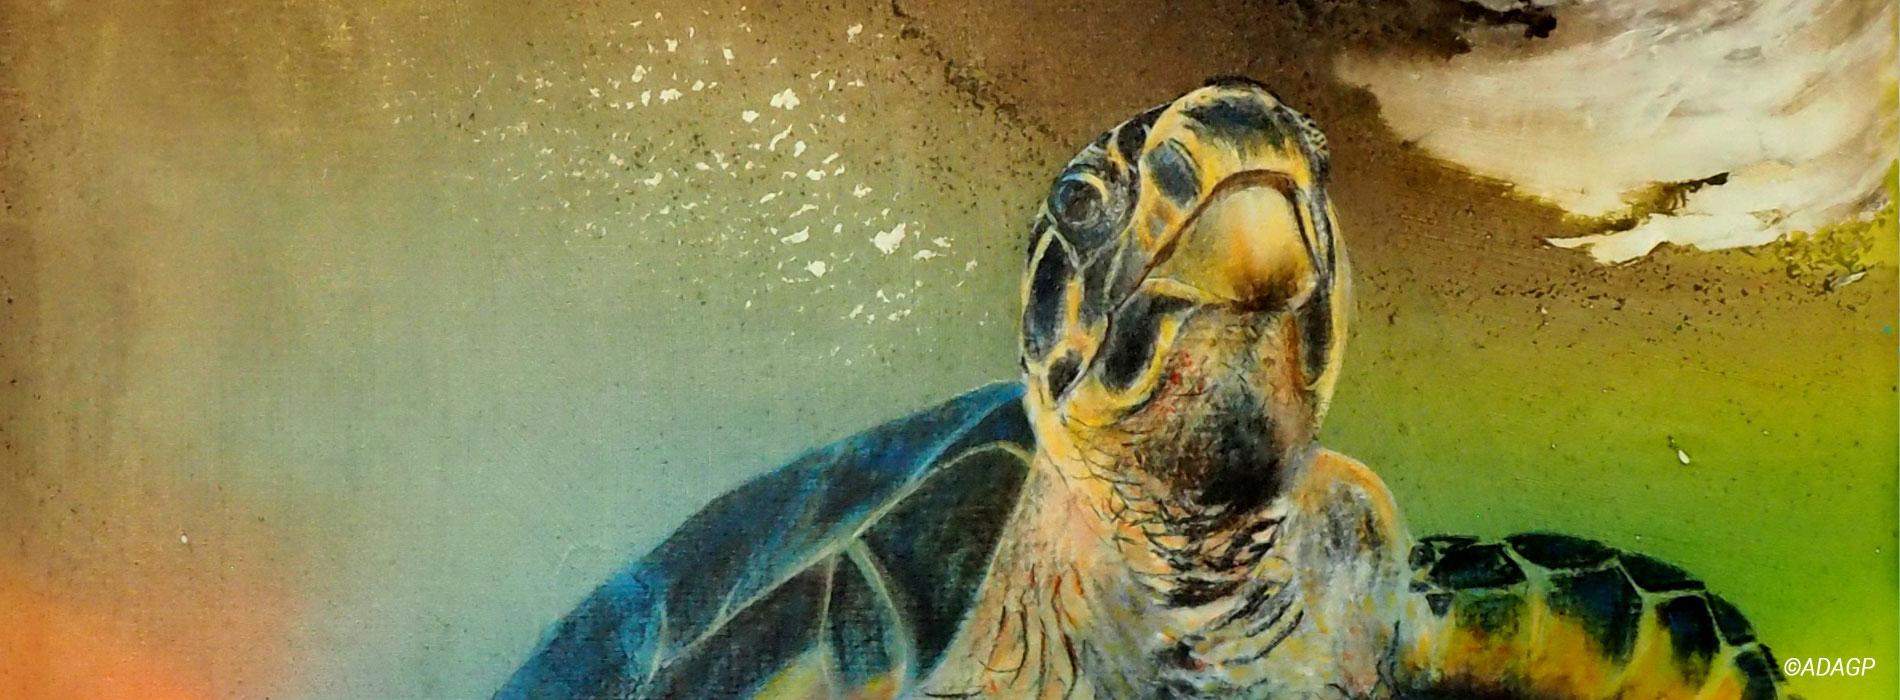 Biodiversité - Illustration thème large